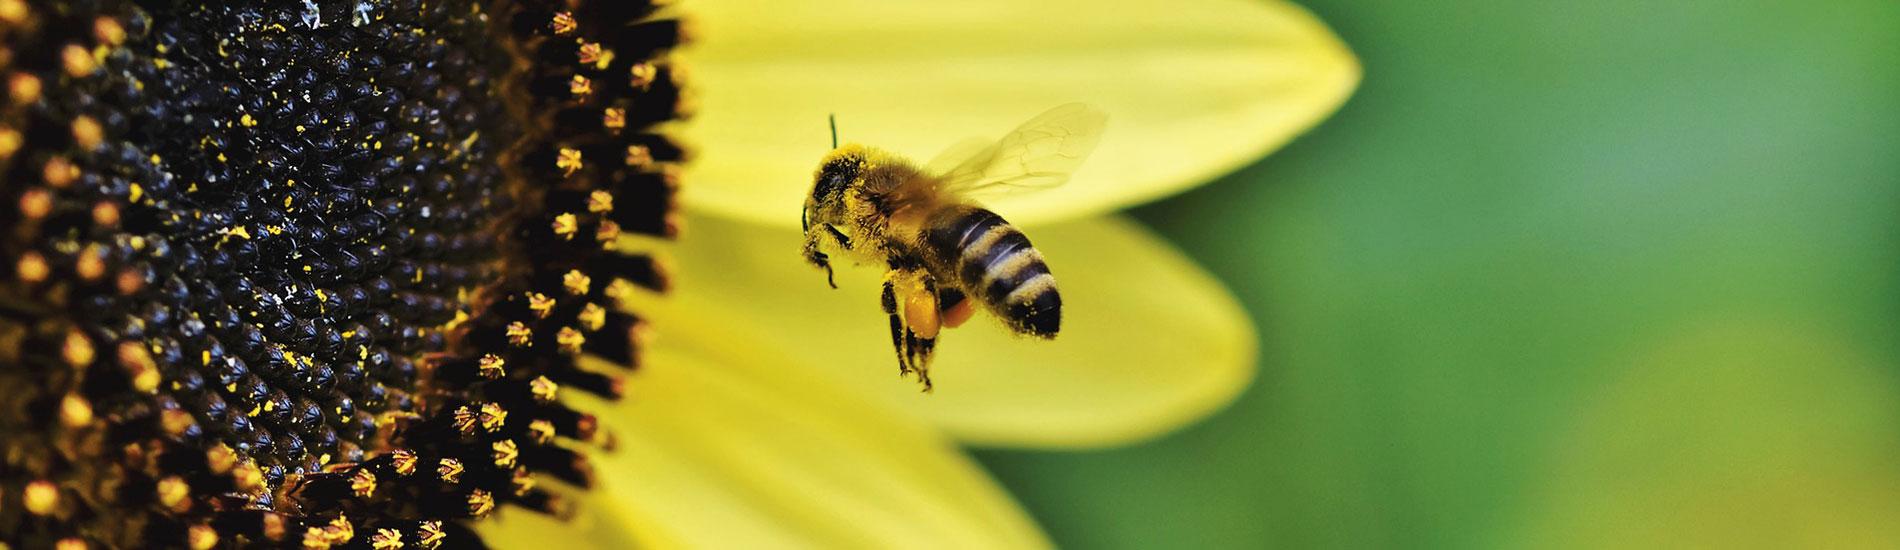 Είναι αλήθεια ότι το μέλι εξασφαλίζει καλό ύπνο;